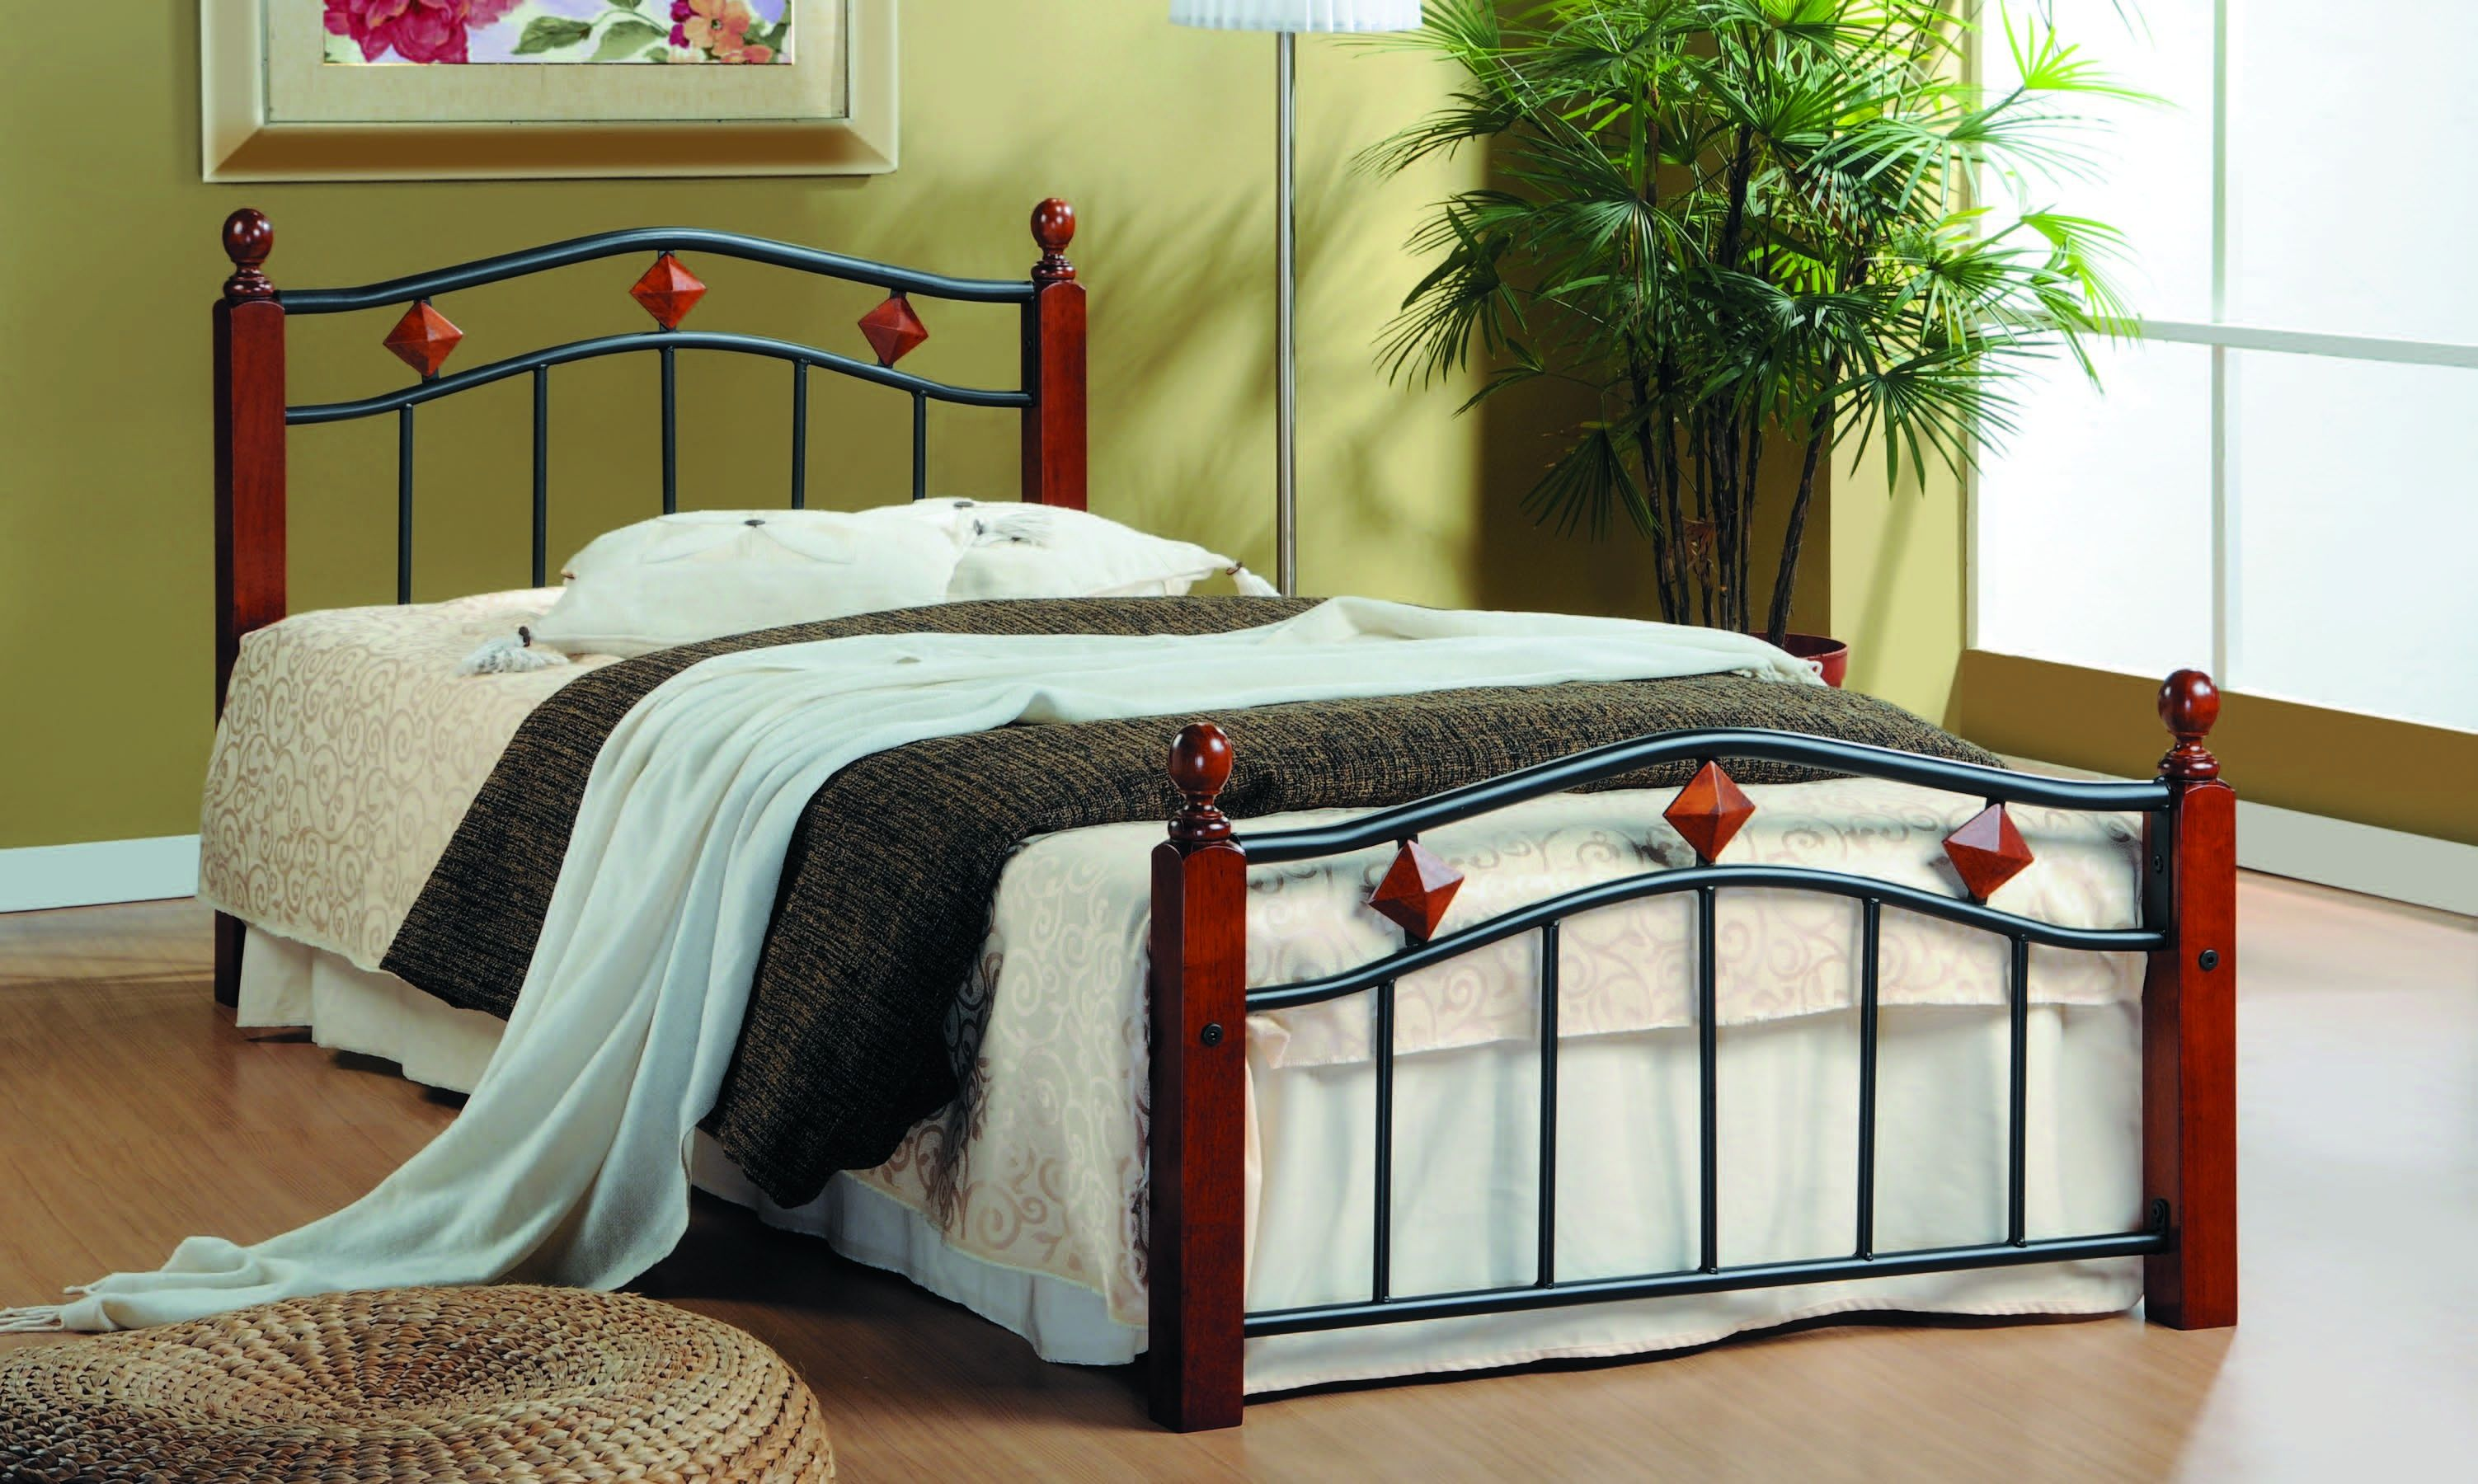 Кровать односпальная кованая AT 126 (метал- каркас) + основание